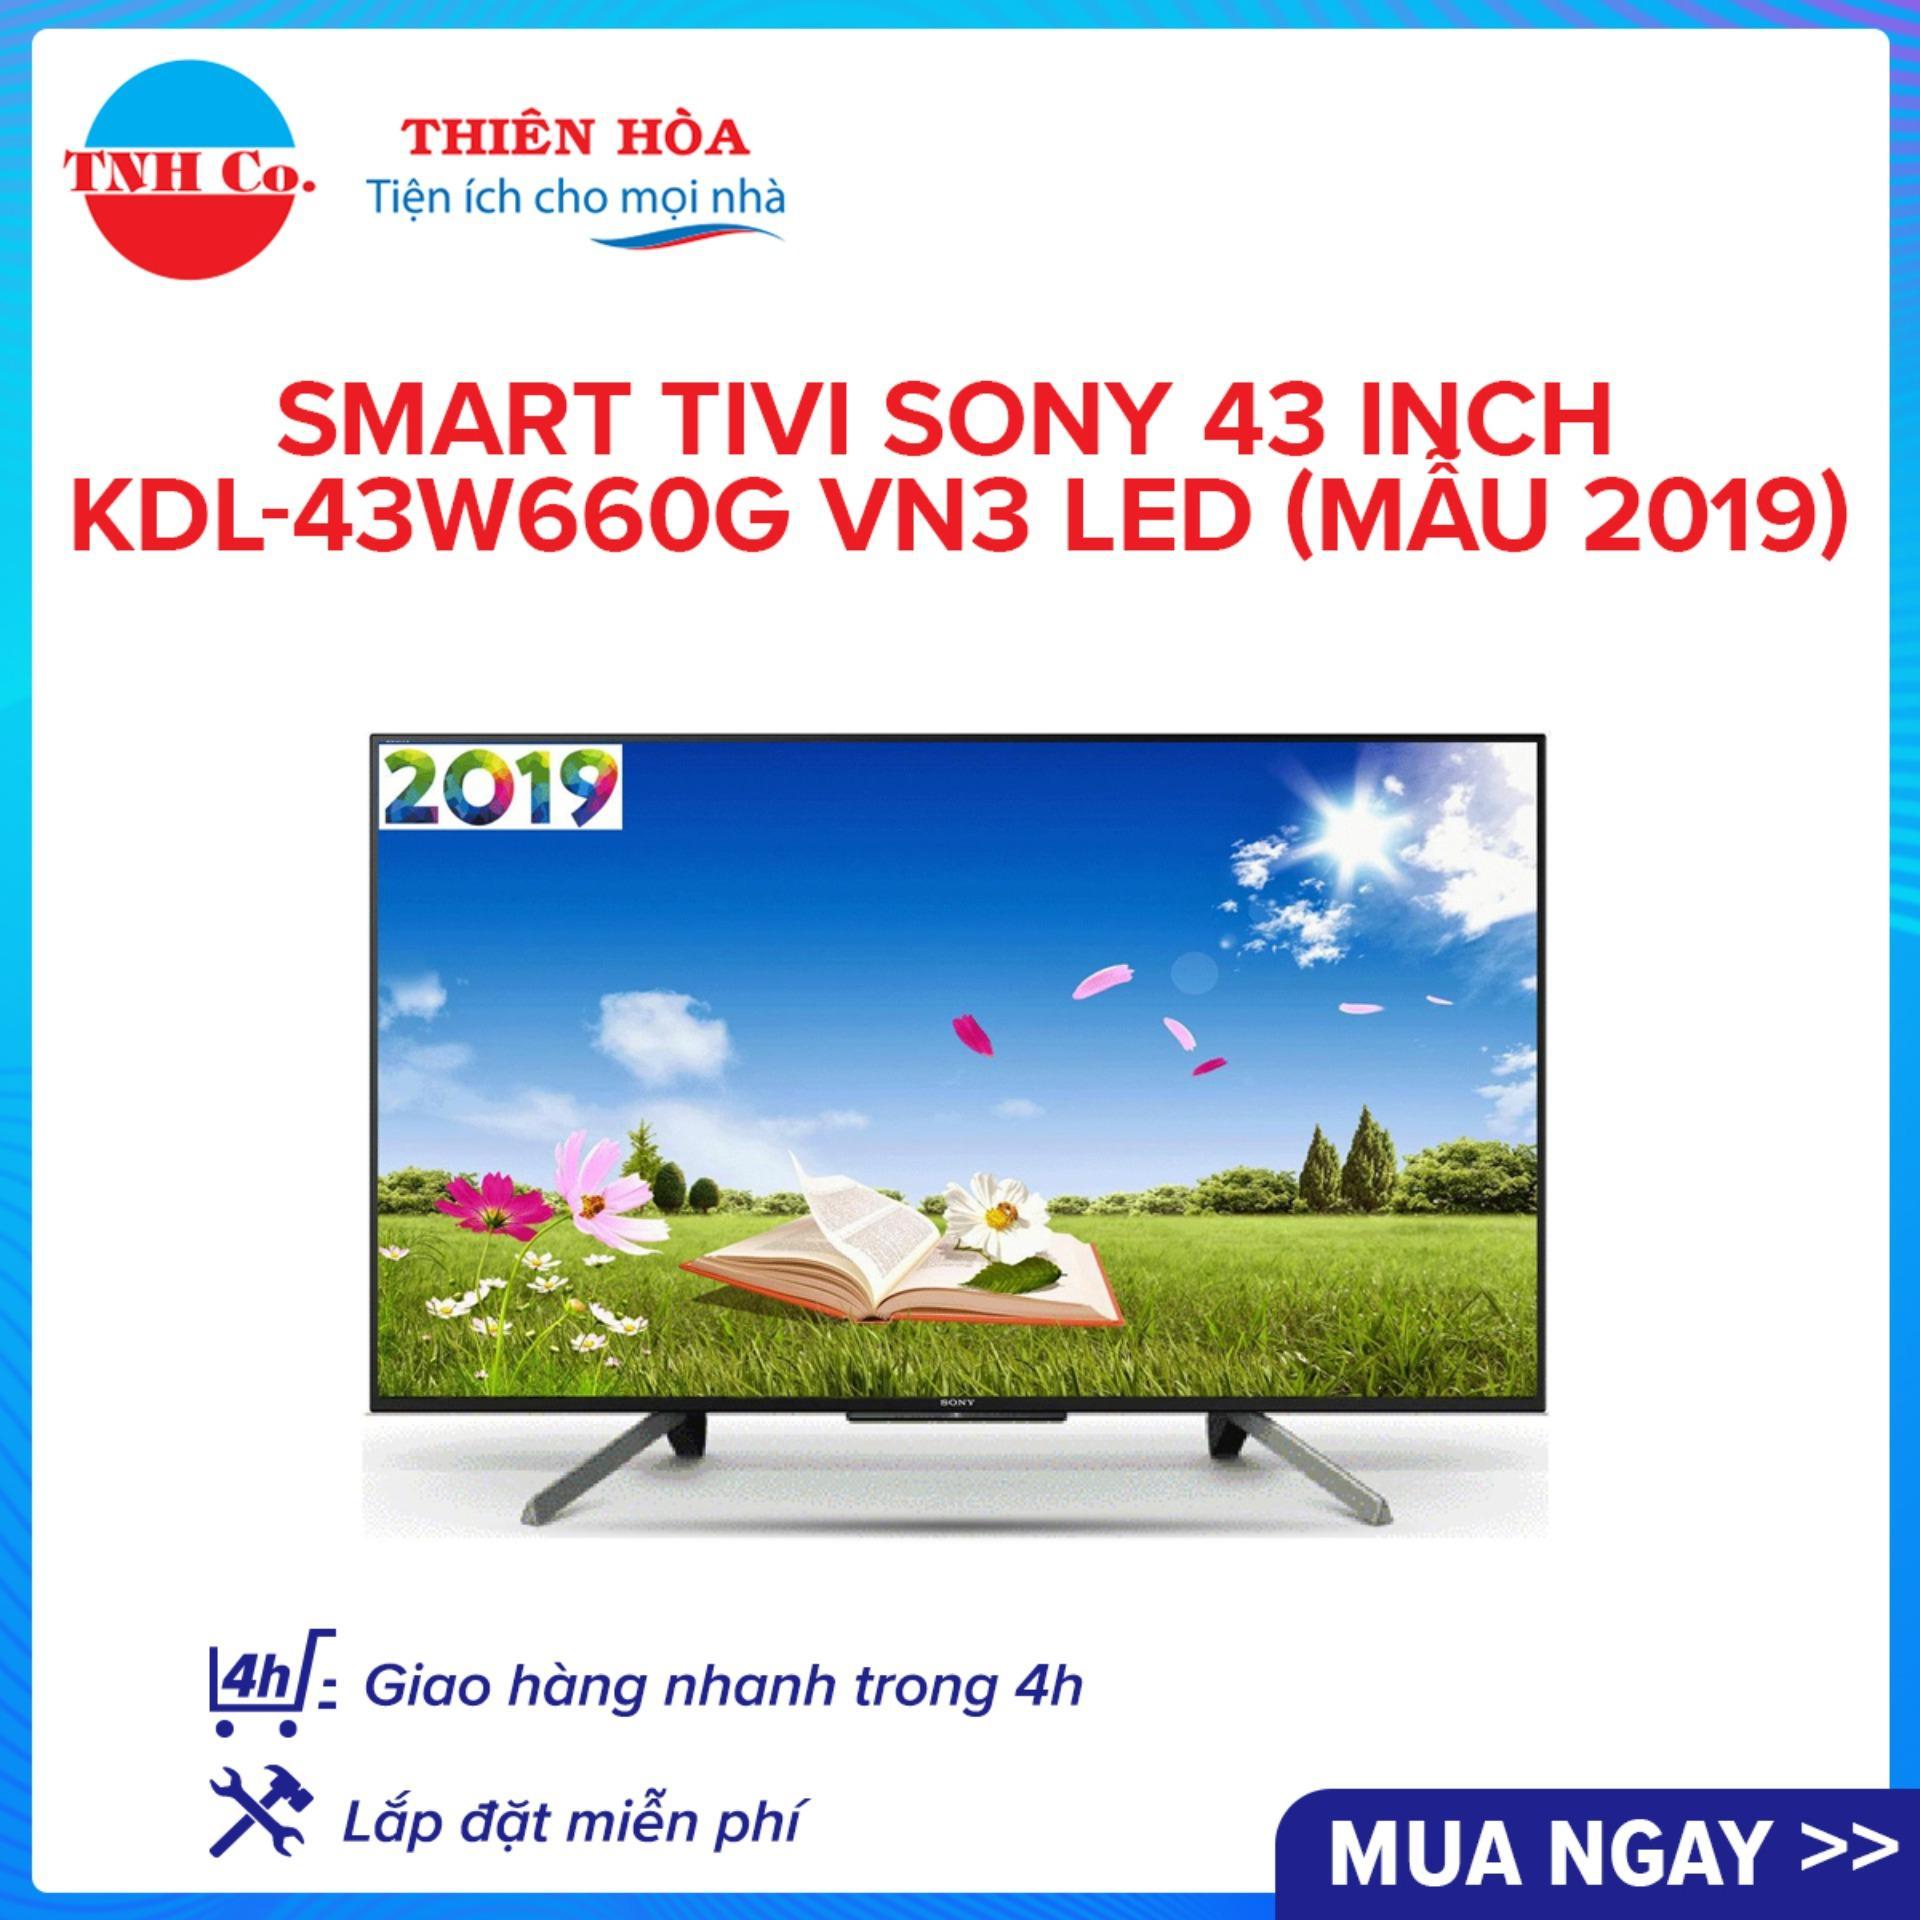 Bảng giá Smart Tivi Sony 43 Inch KDL-43W660G VN3 LED (Mẫu 2019)